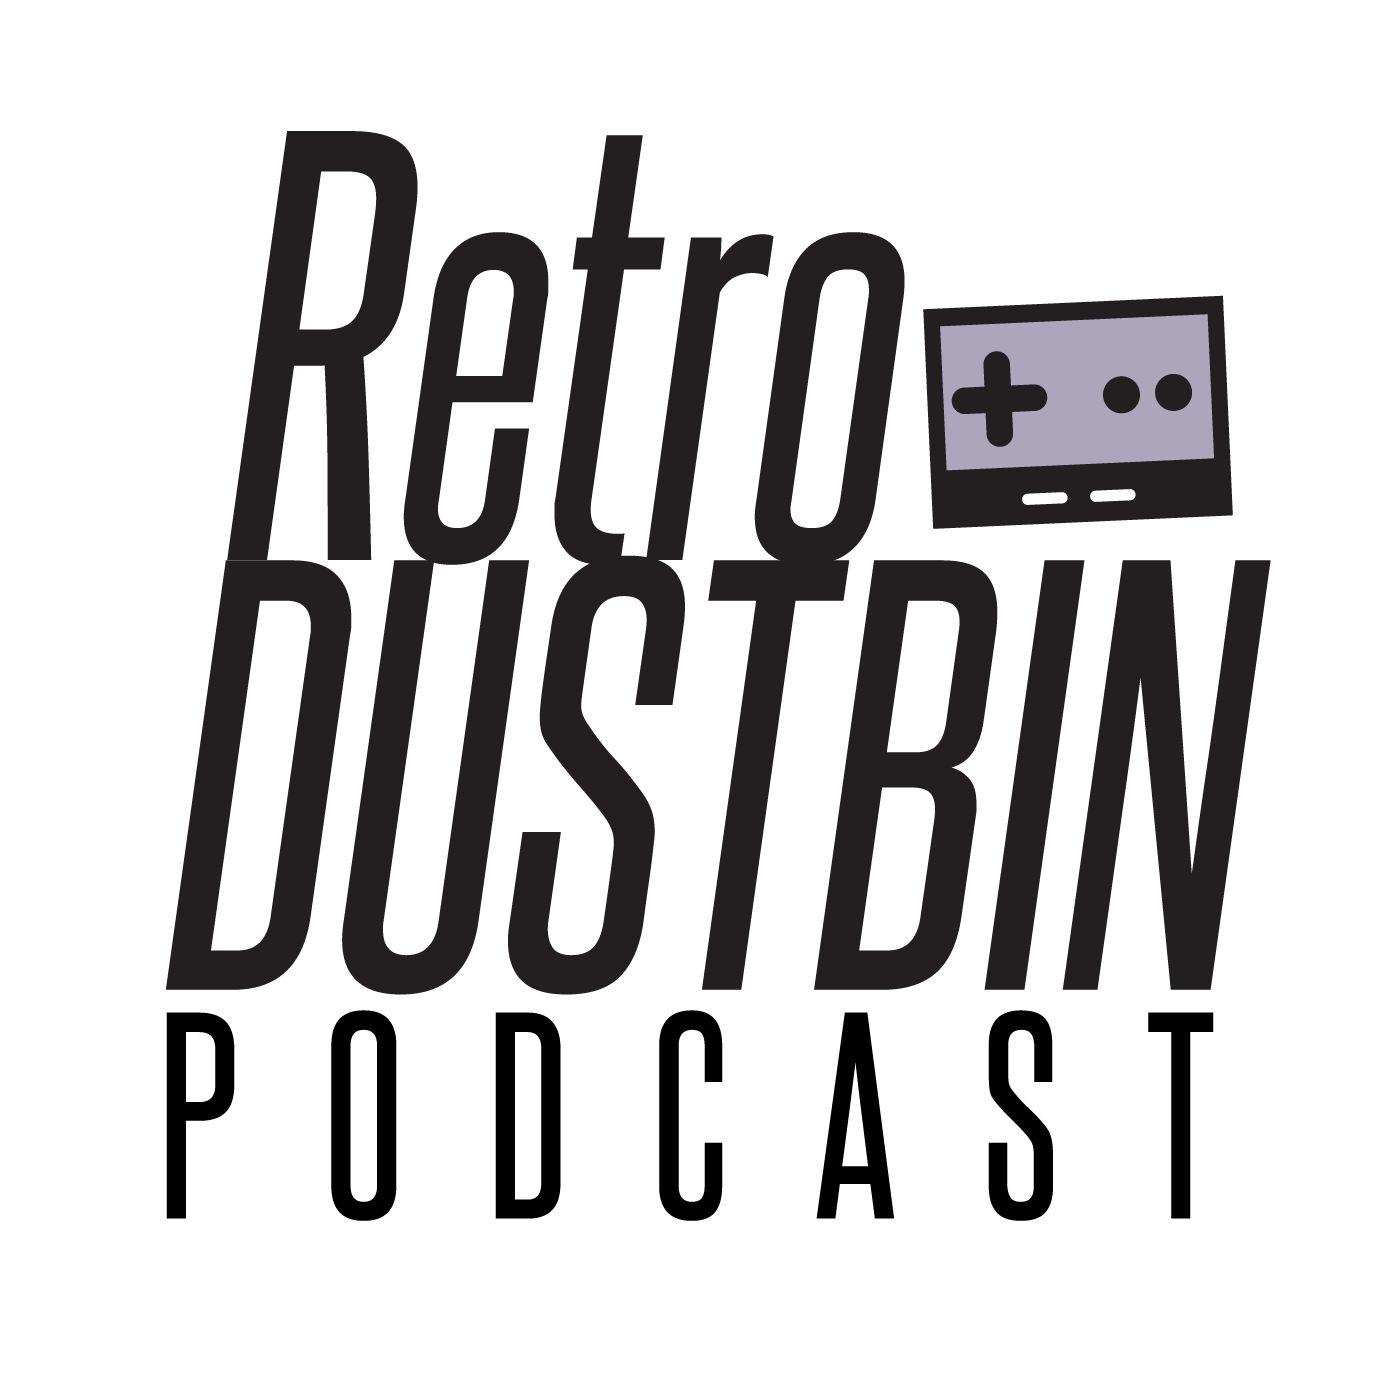 Retro Dustbin Podcast